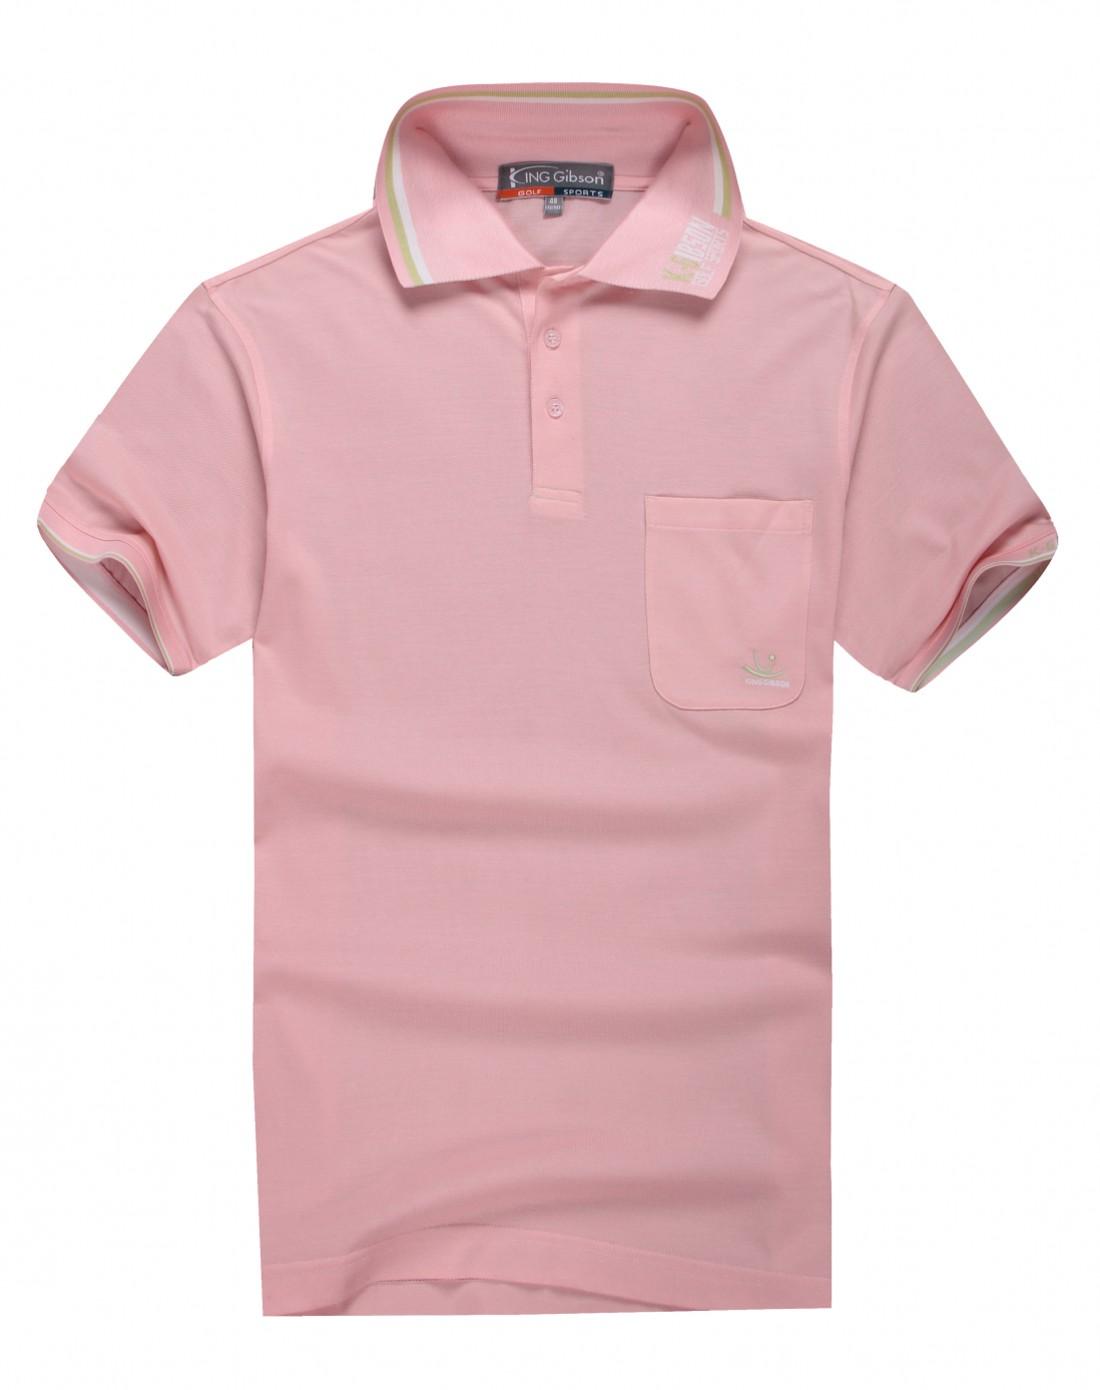 男款粉红色高尔夫球运动短袖polo衫